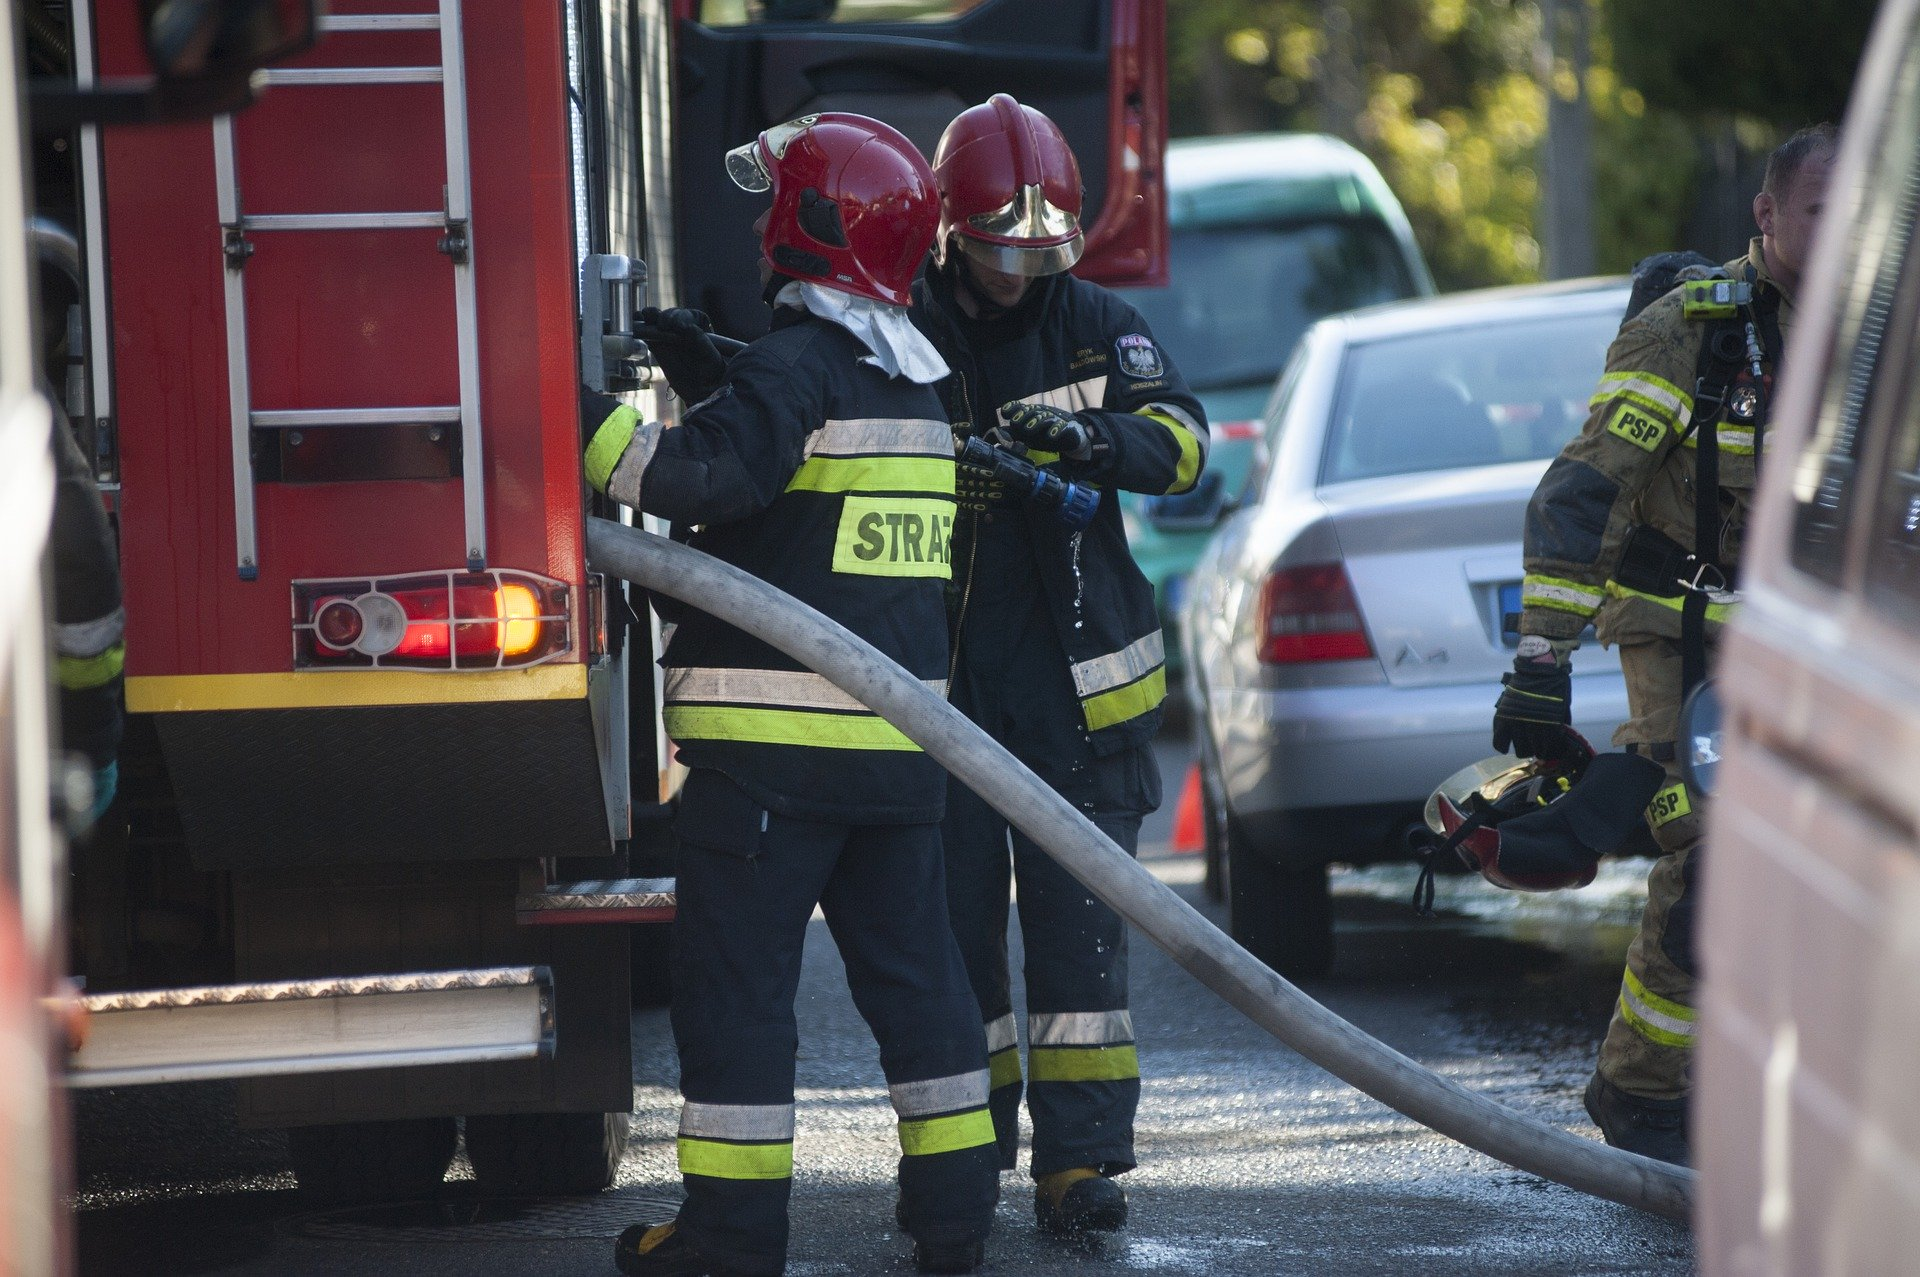 Poznań: 35 strażaków na kwarantannie po stwierdzeniu zakażenia u jednego z nich